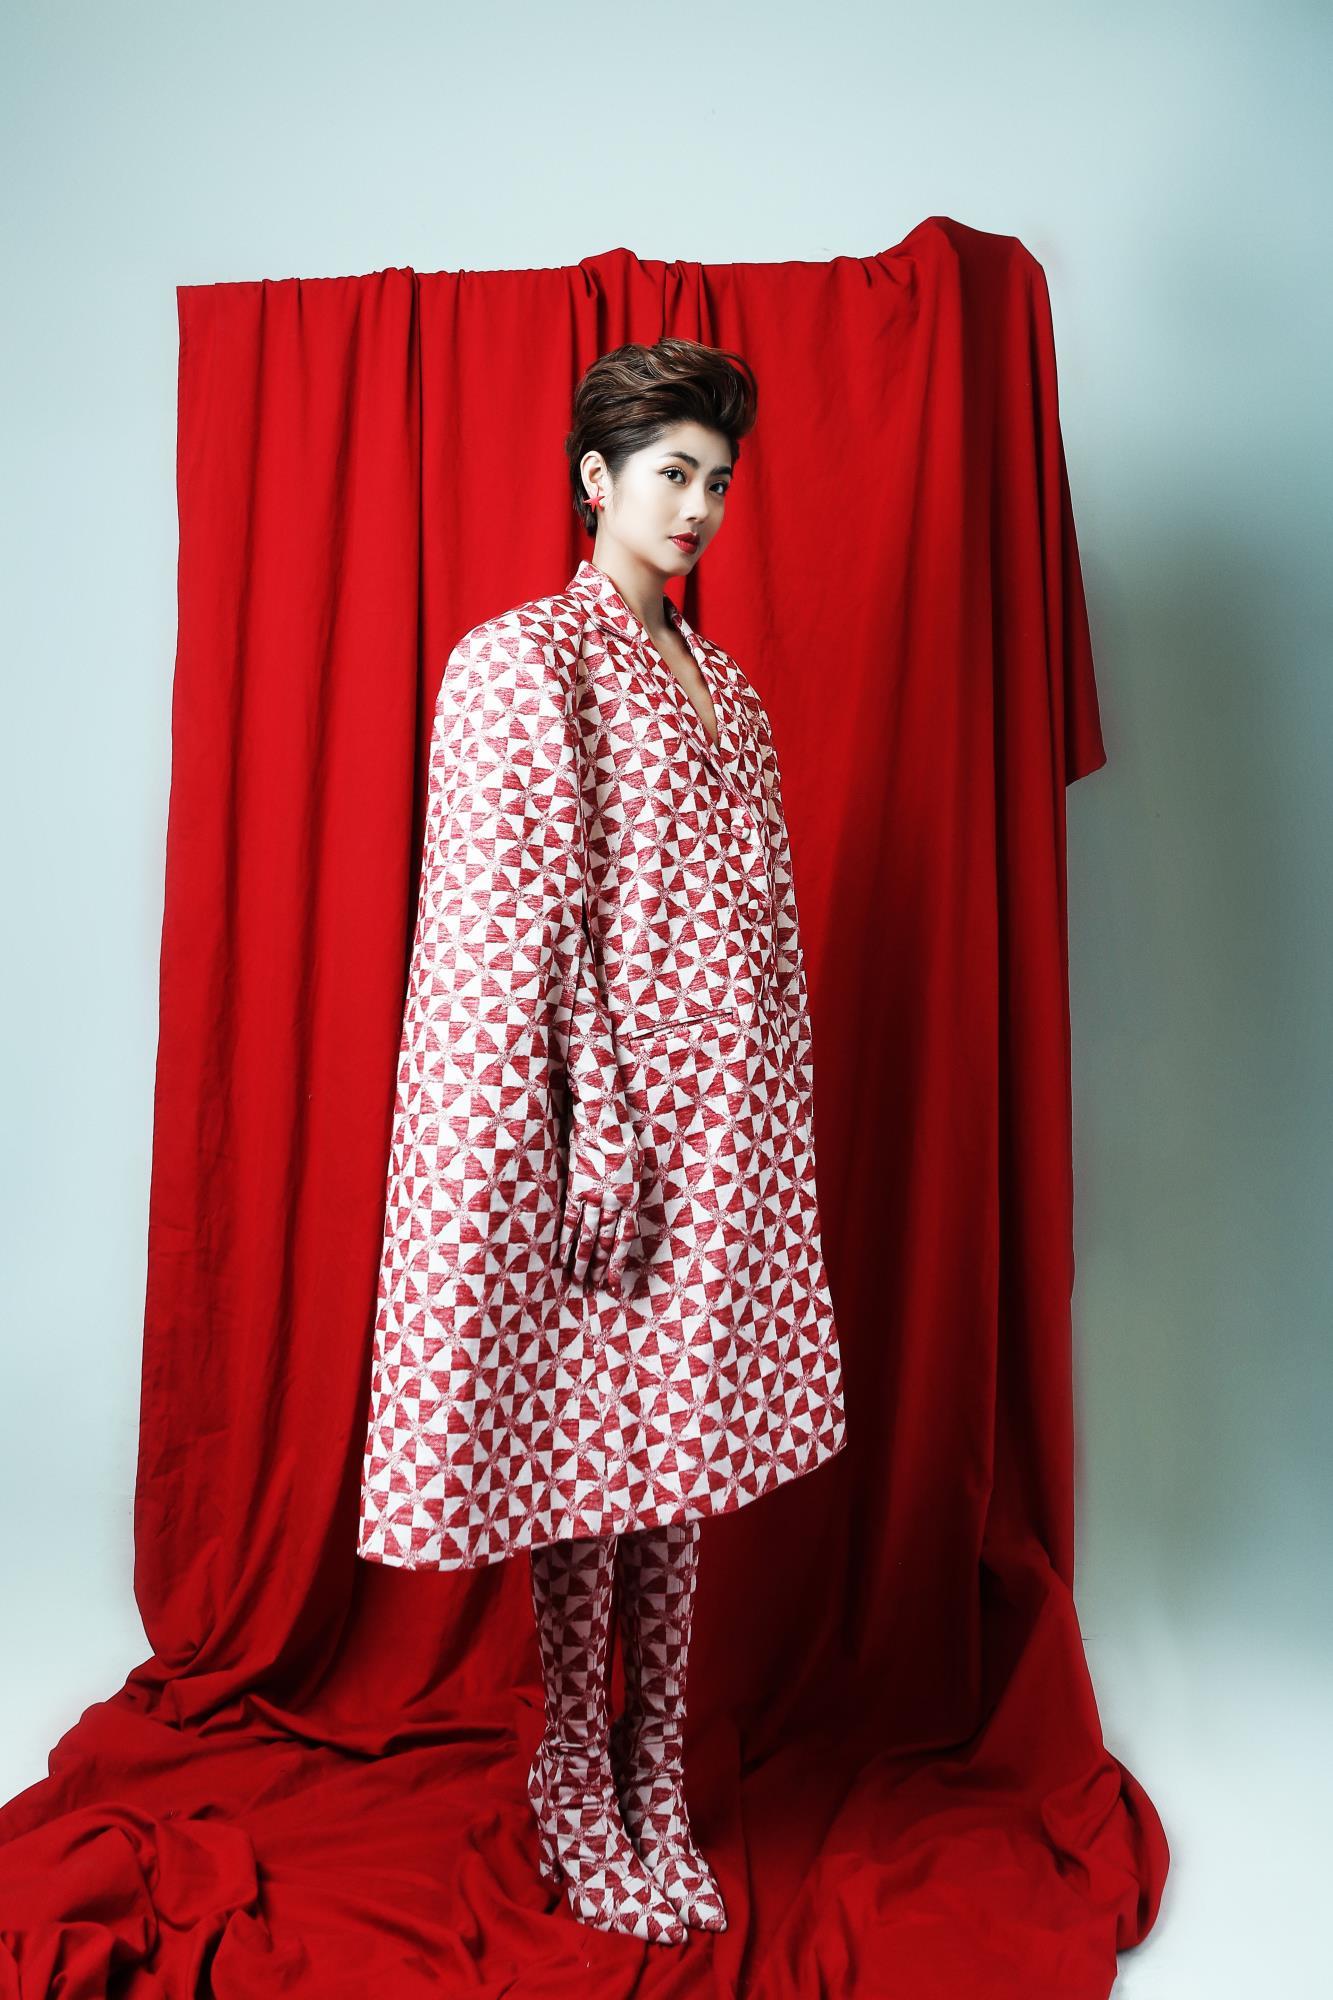 'Bạn gái cũ' của Karik – Đàm Phương Linh khoe vòng 1 'lấp ló' gợi cảm trong những thiết kế high fashion - Ảnh 6